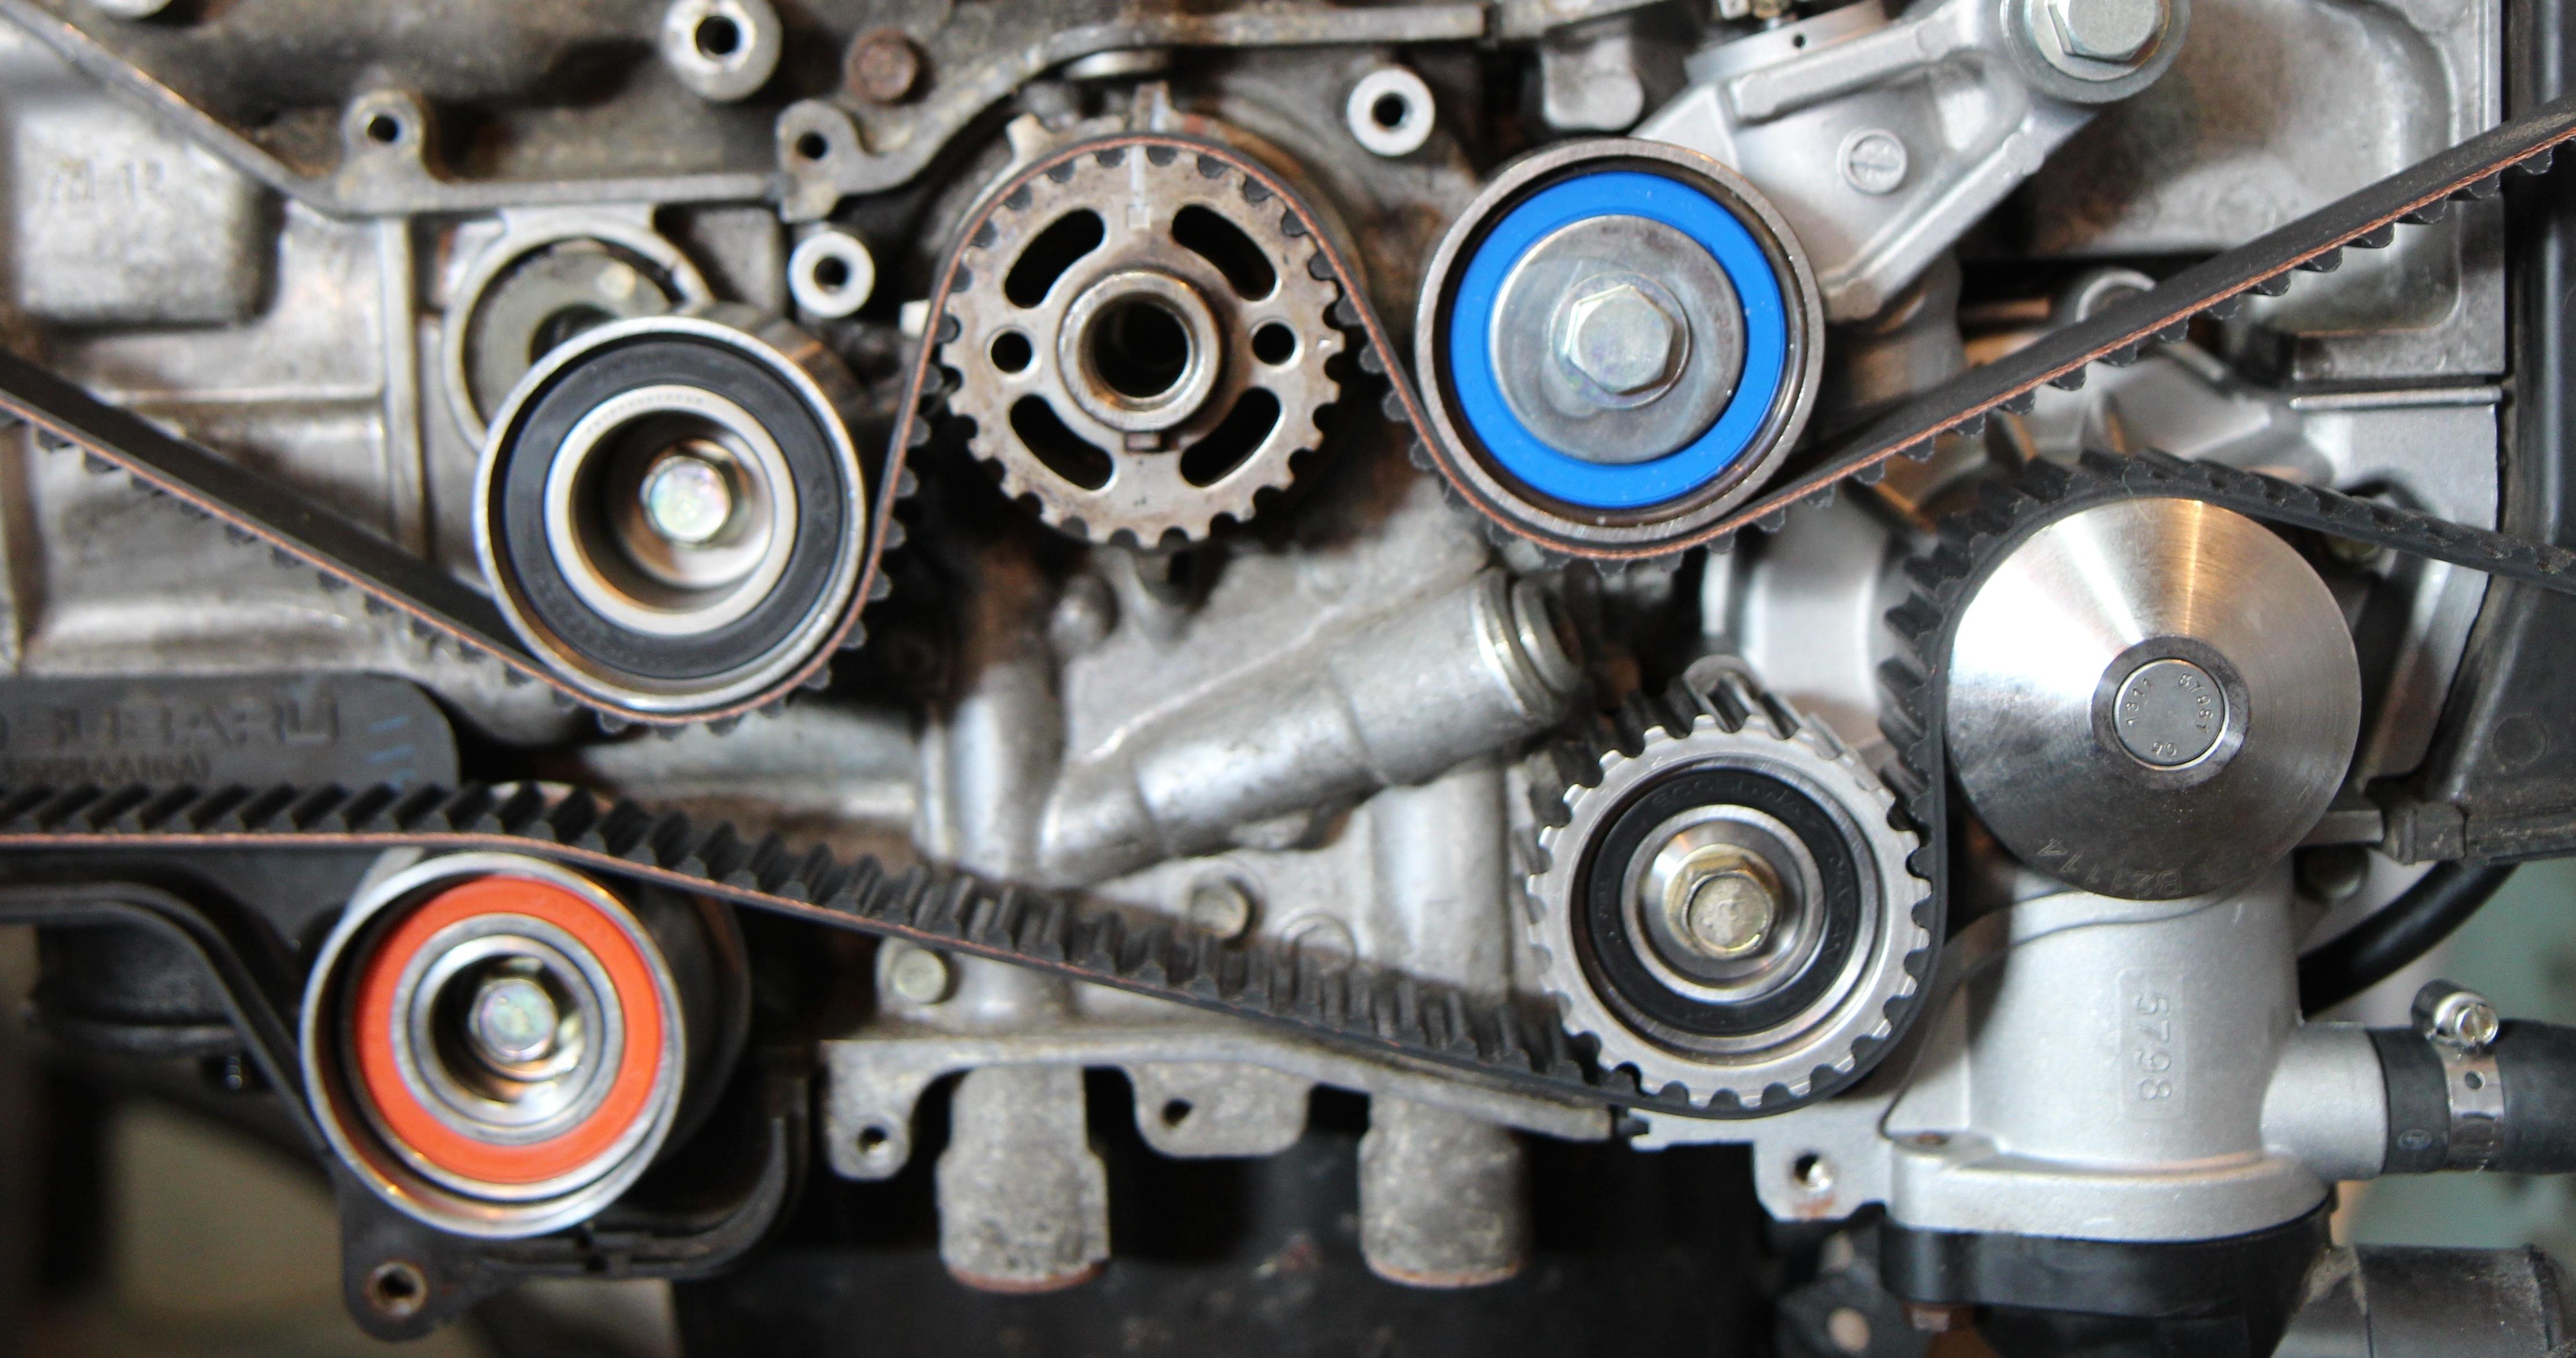 ej25 engine pulley diagram